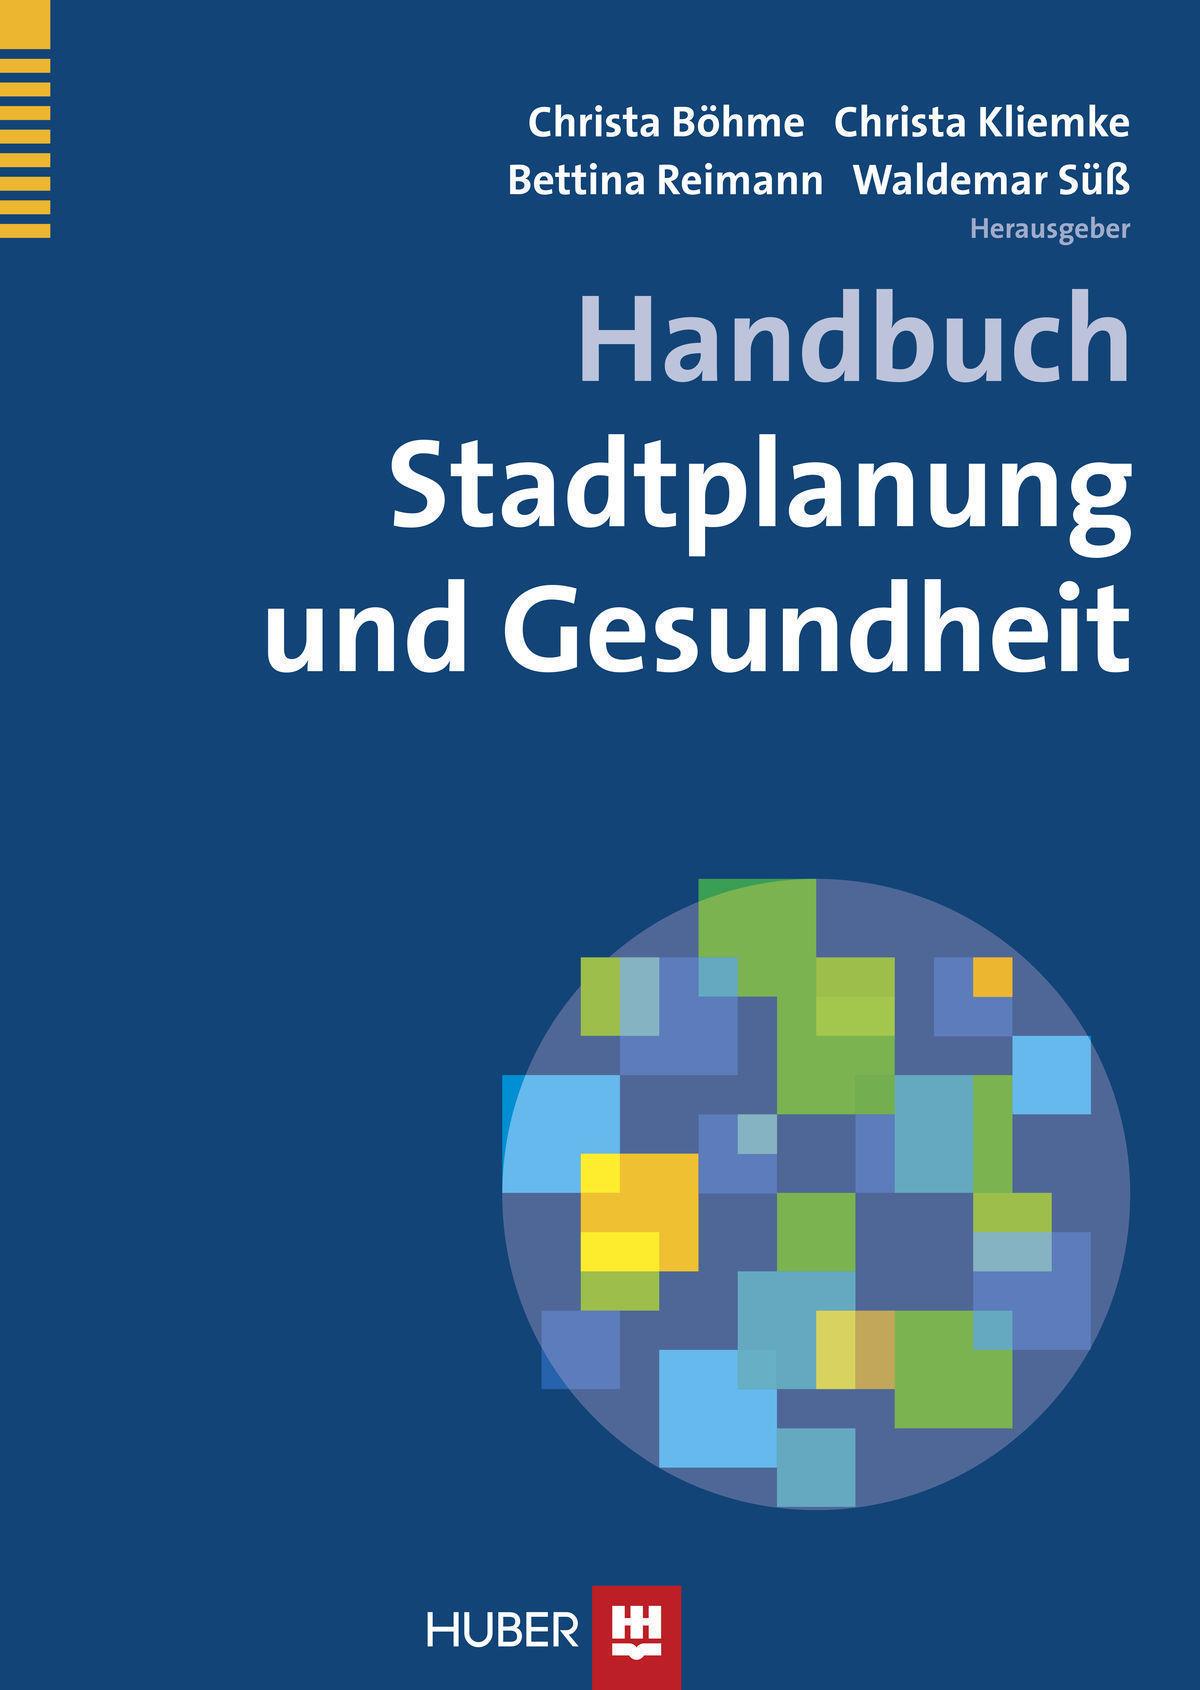 Handbuch Stadtplanung und Gesundheit